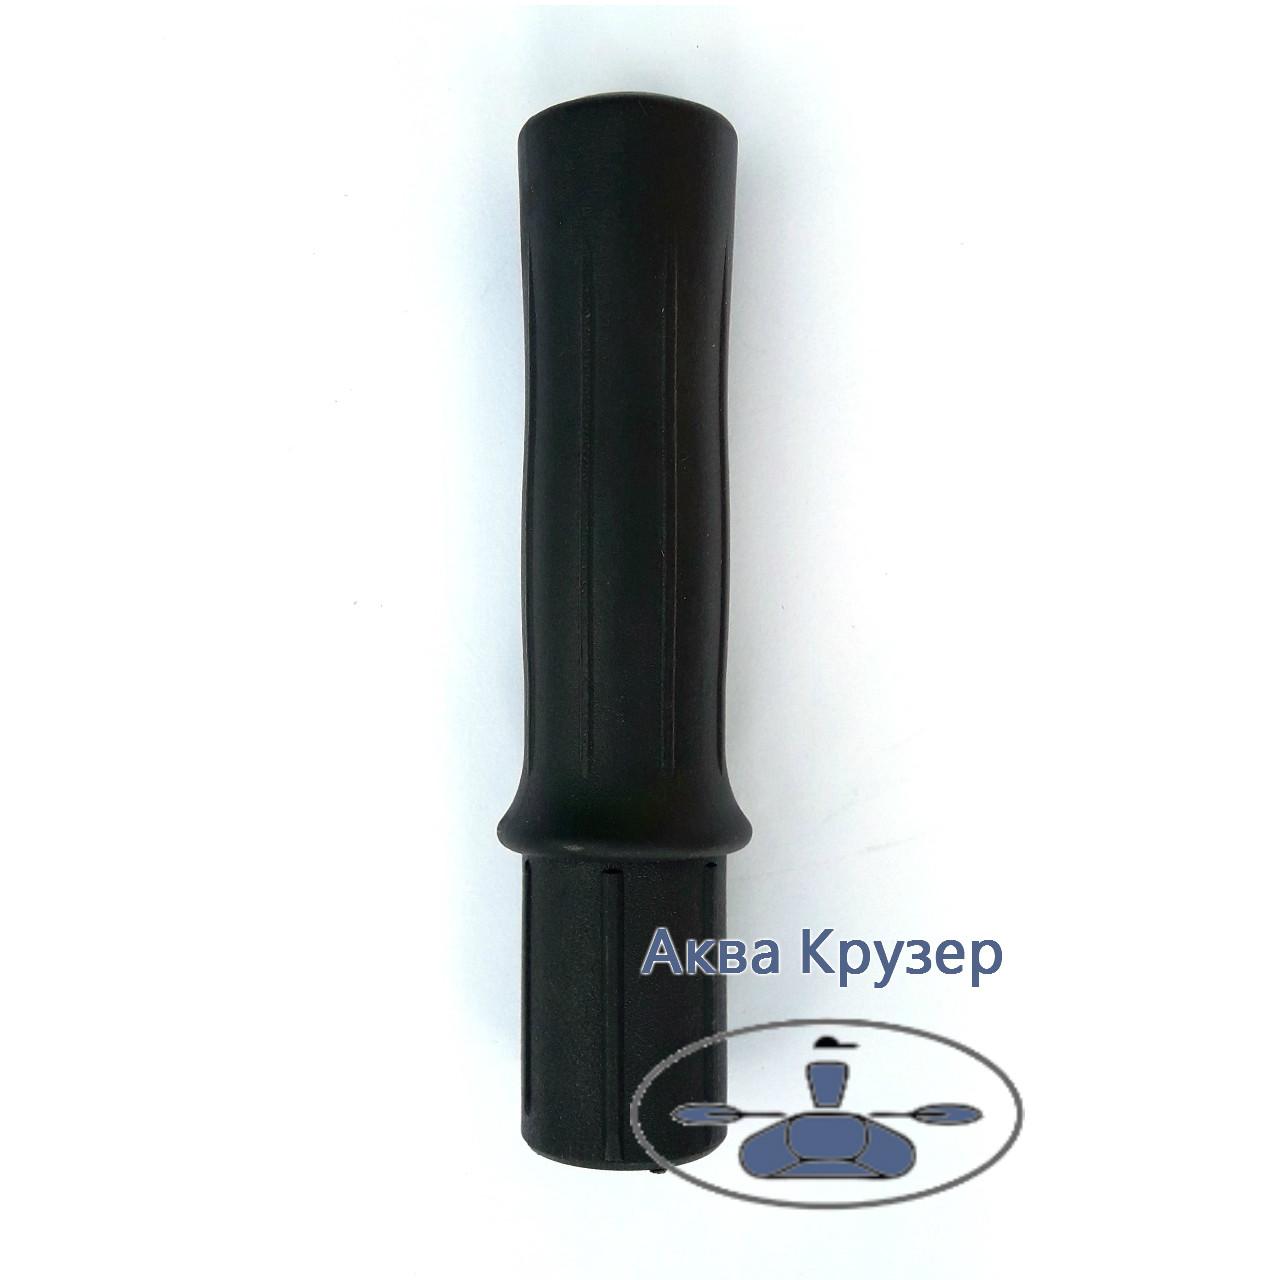 Ручка весла вставна (внутрішня) для надувних човнів ПВХ, колір чорний.